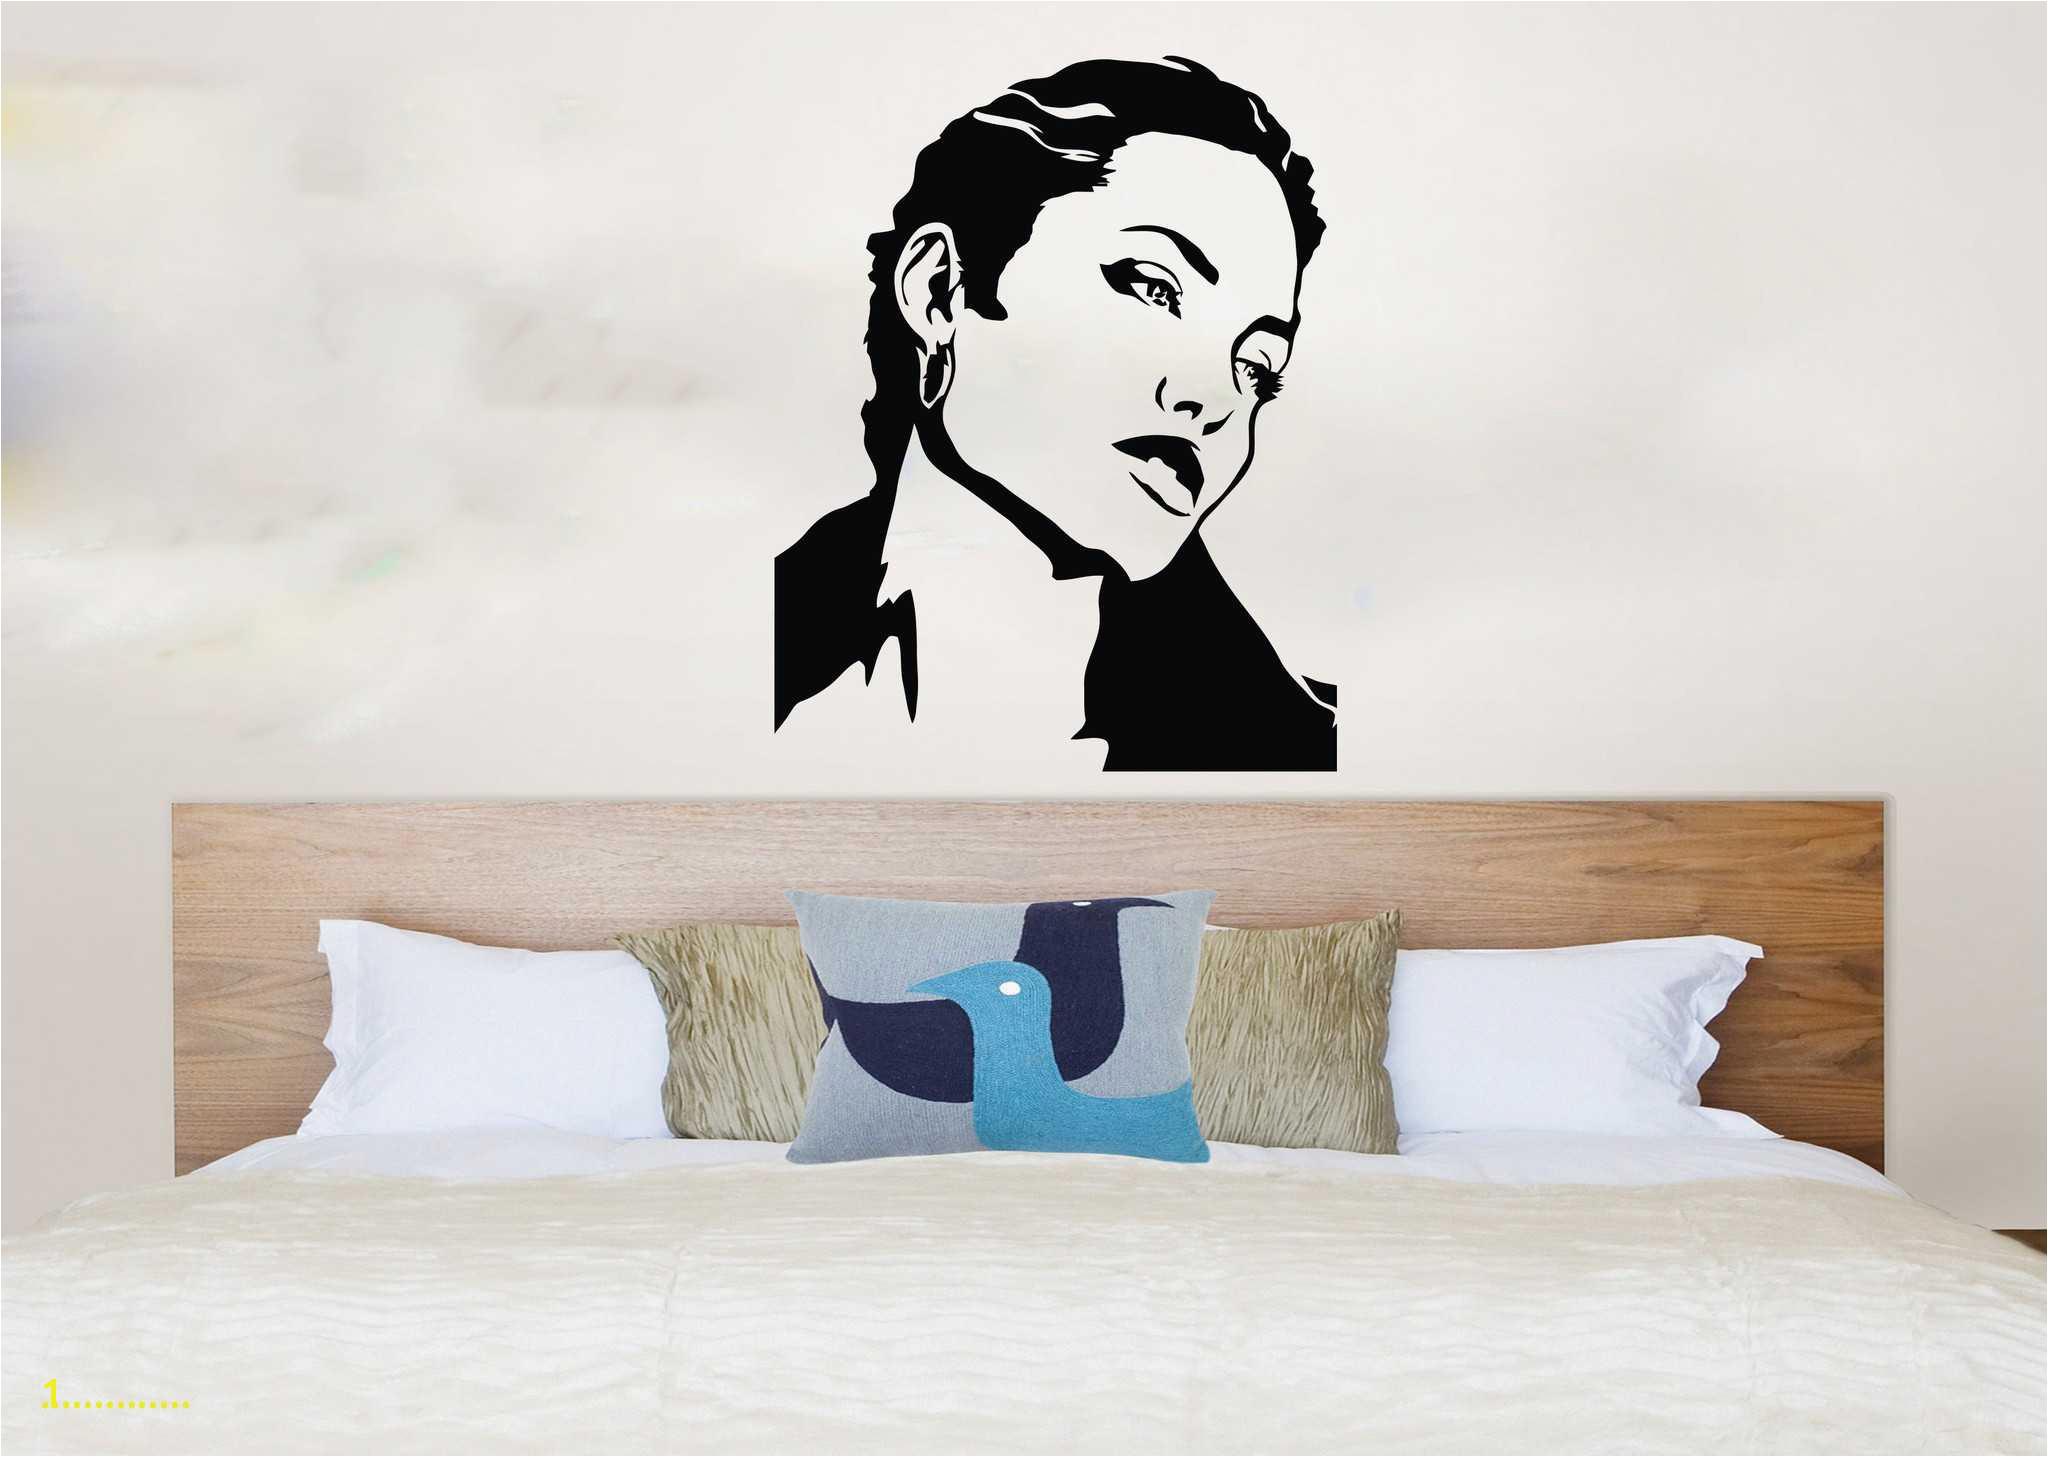 Wall Decals for Bedroom Unique 1 Kirkland Wall Decor Home Design 0d Design Disney Princess